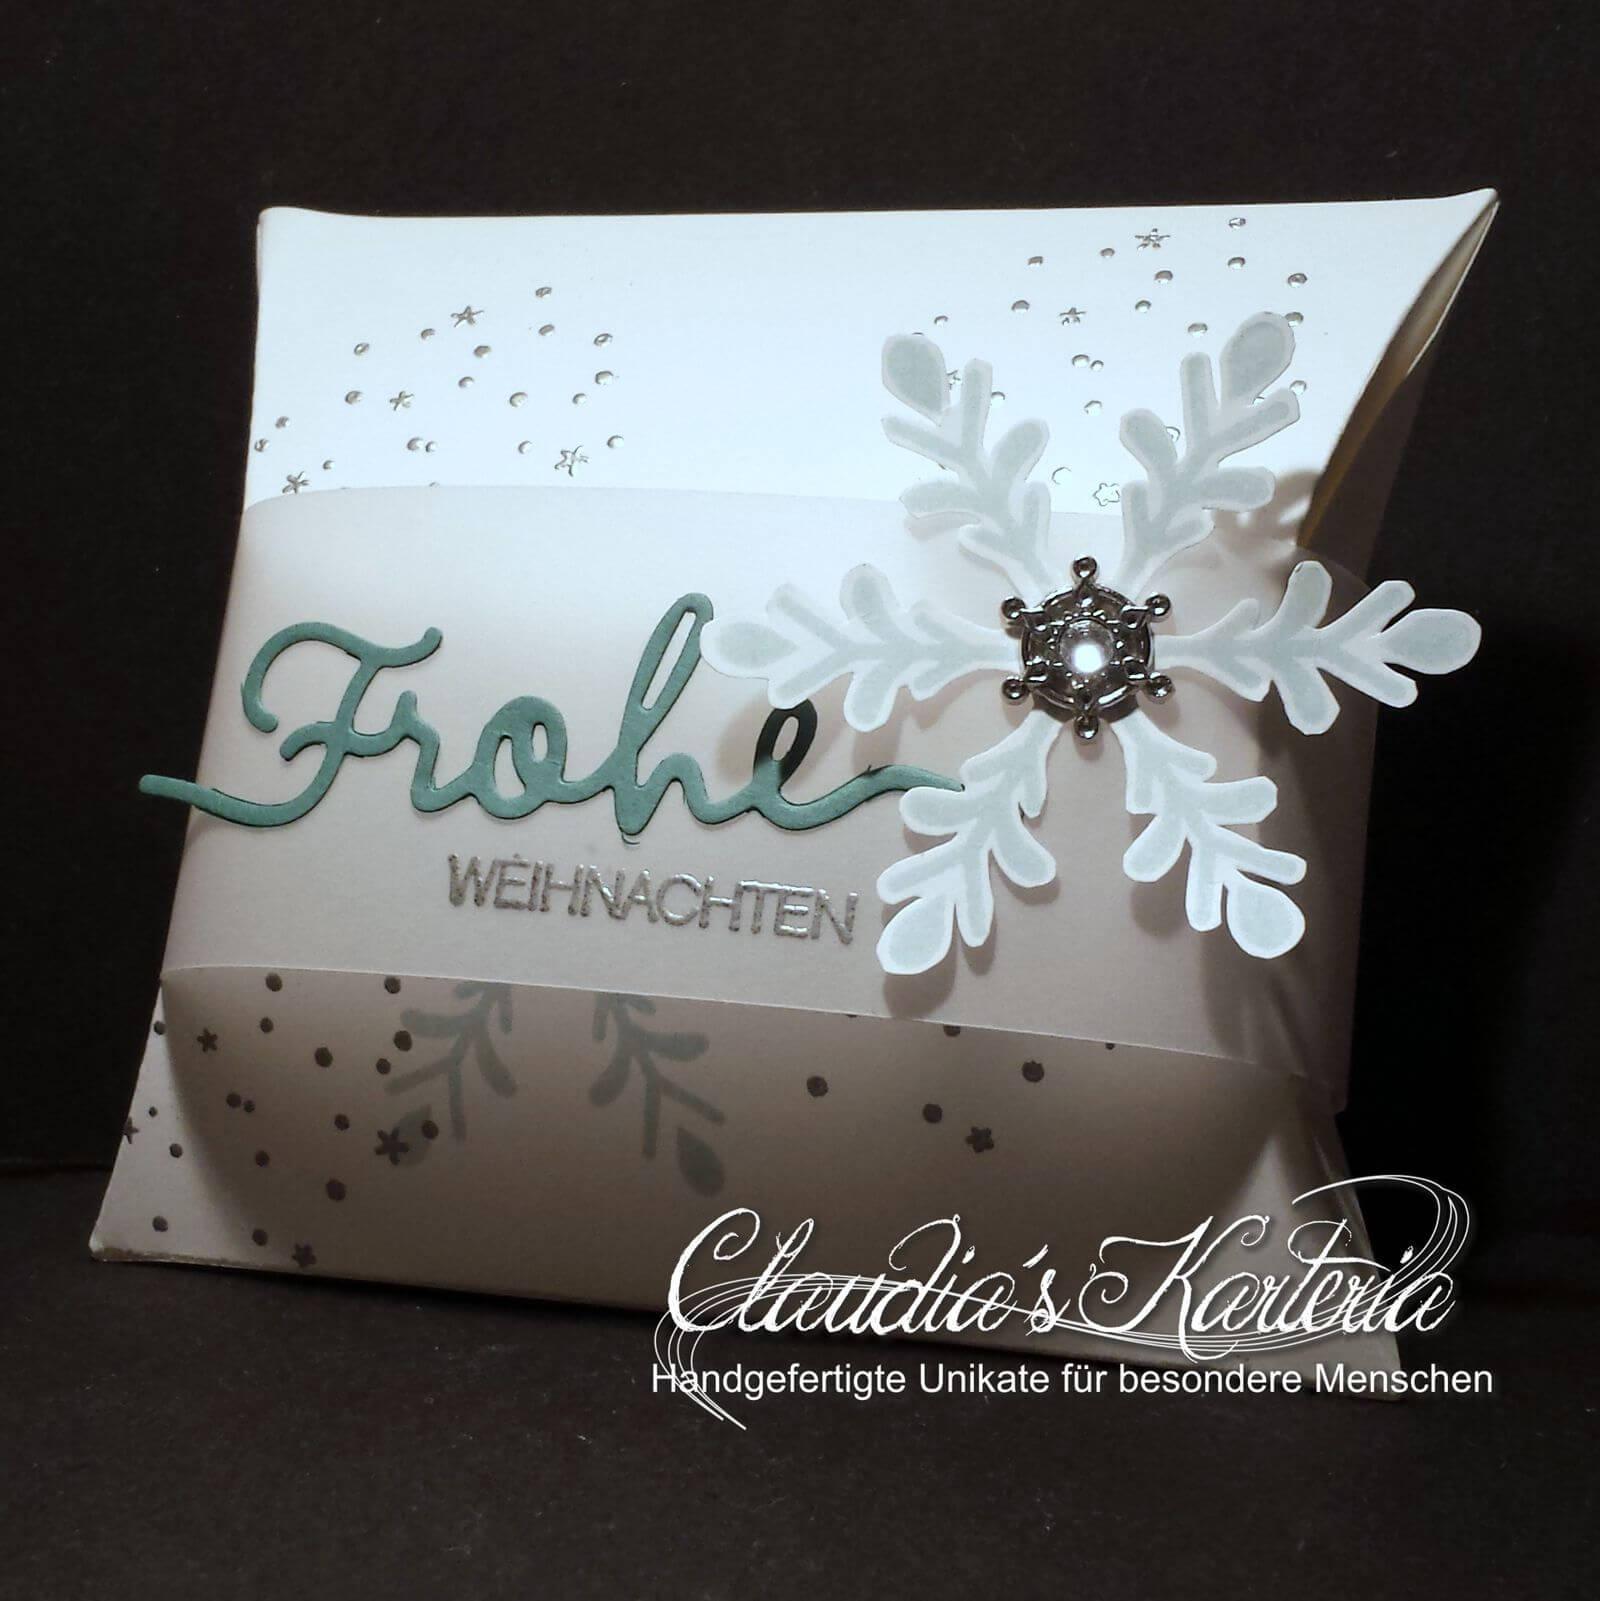 frohe weihnachten auf schneeflocken claudia 39 s karteria. Black Bedroom Furniture Sets. Home Design Ideas